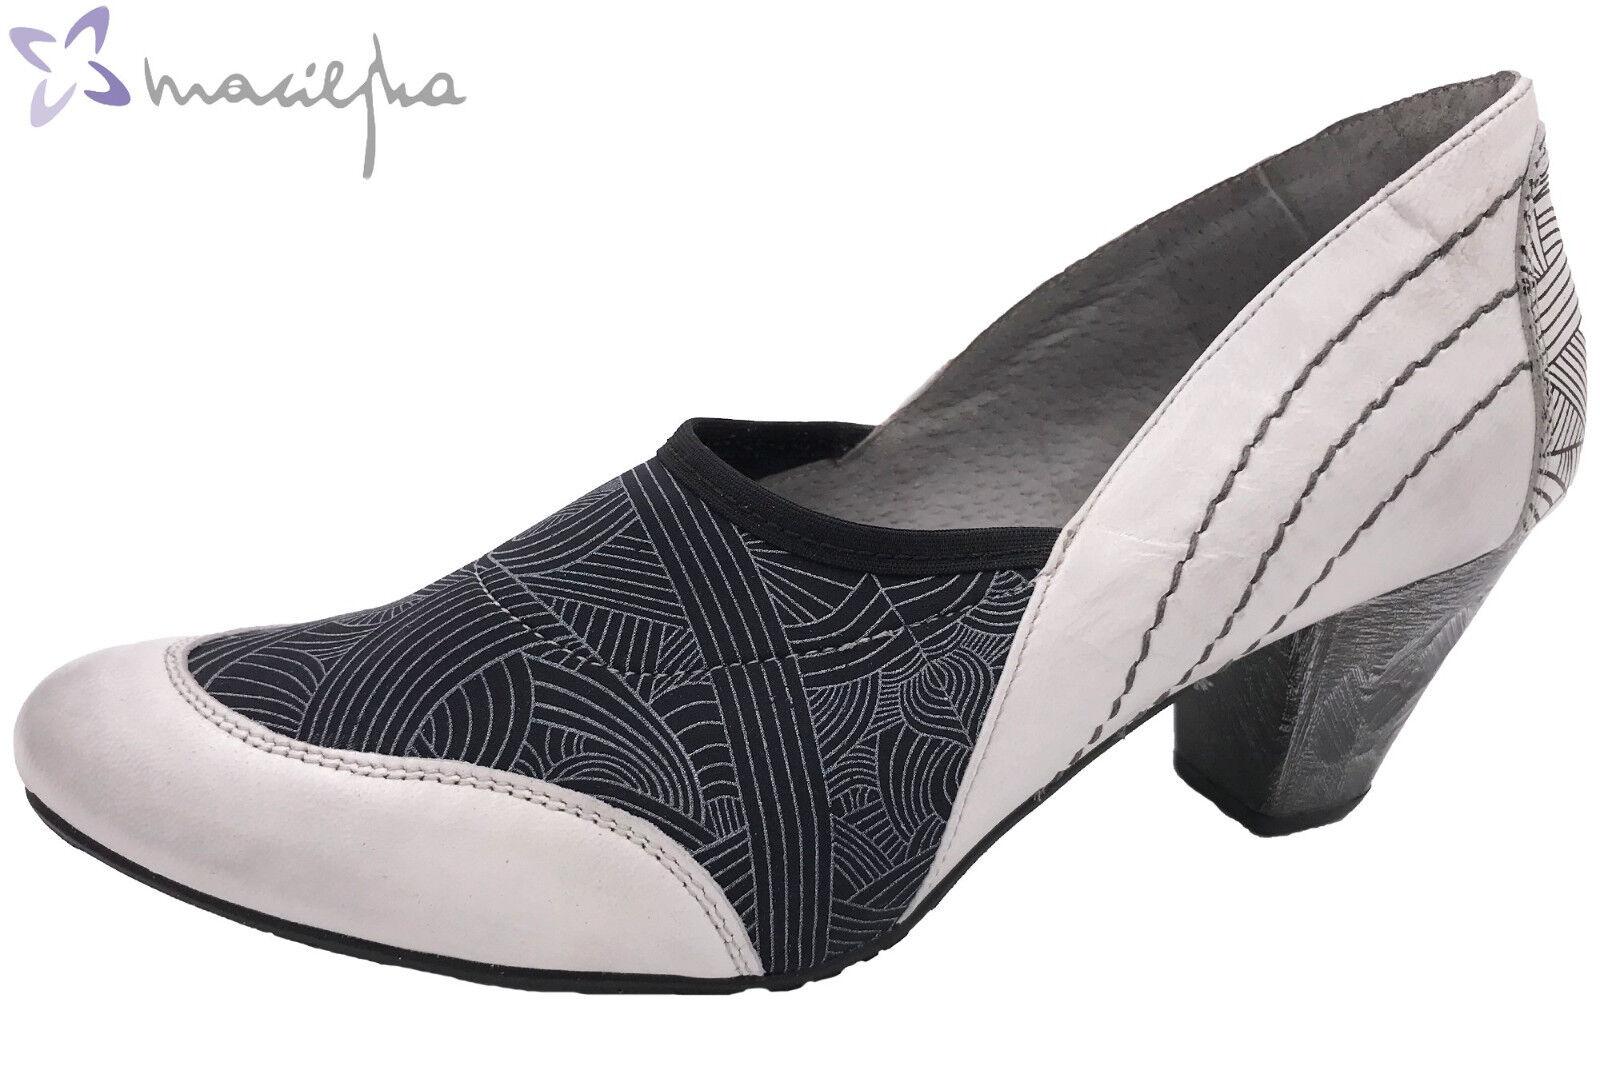 Maciejka Damen Pumps Weiß Schwarz Leder 02881-11-00-5 NEU elegante Schuhe